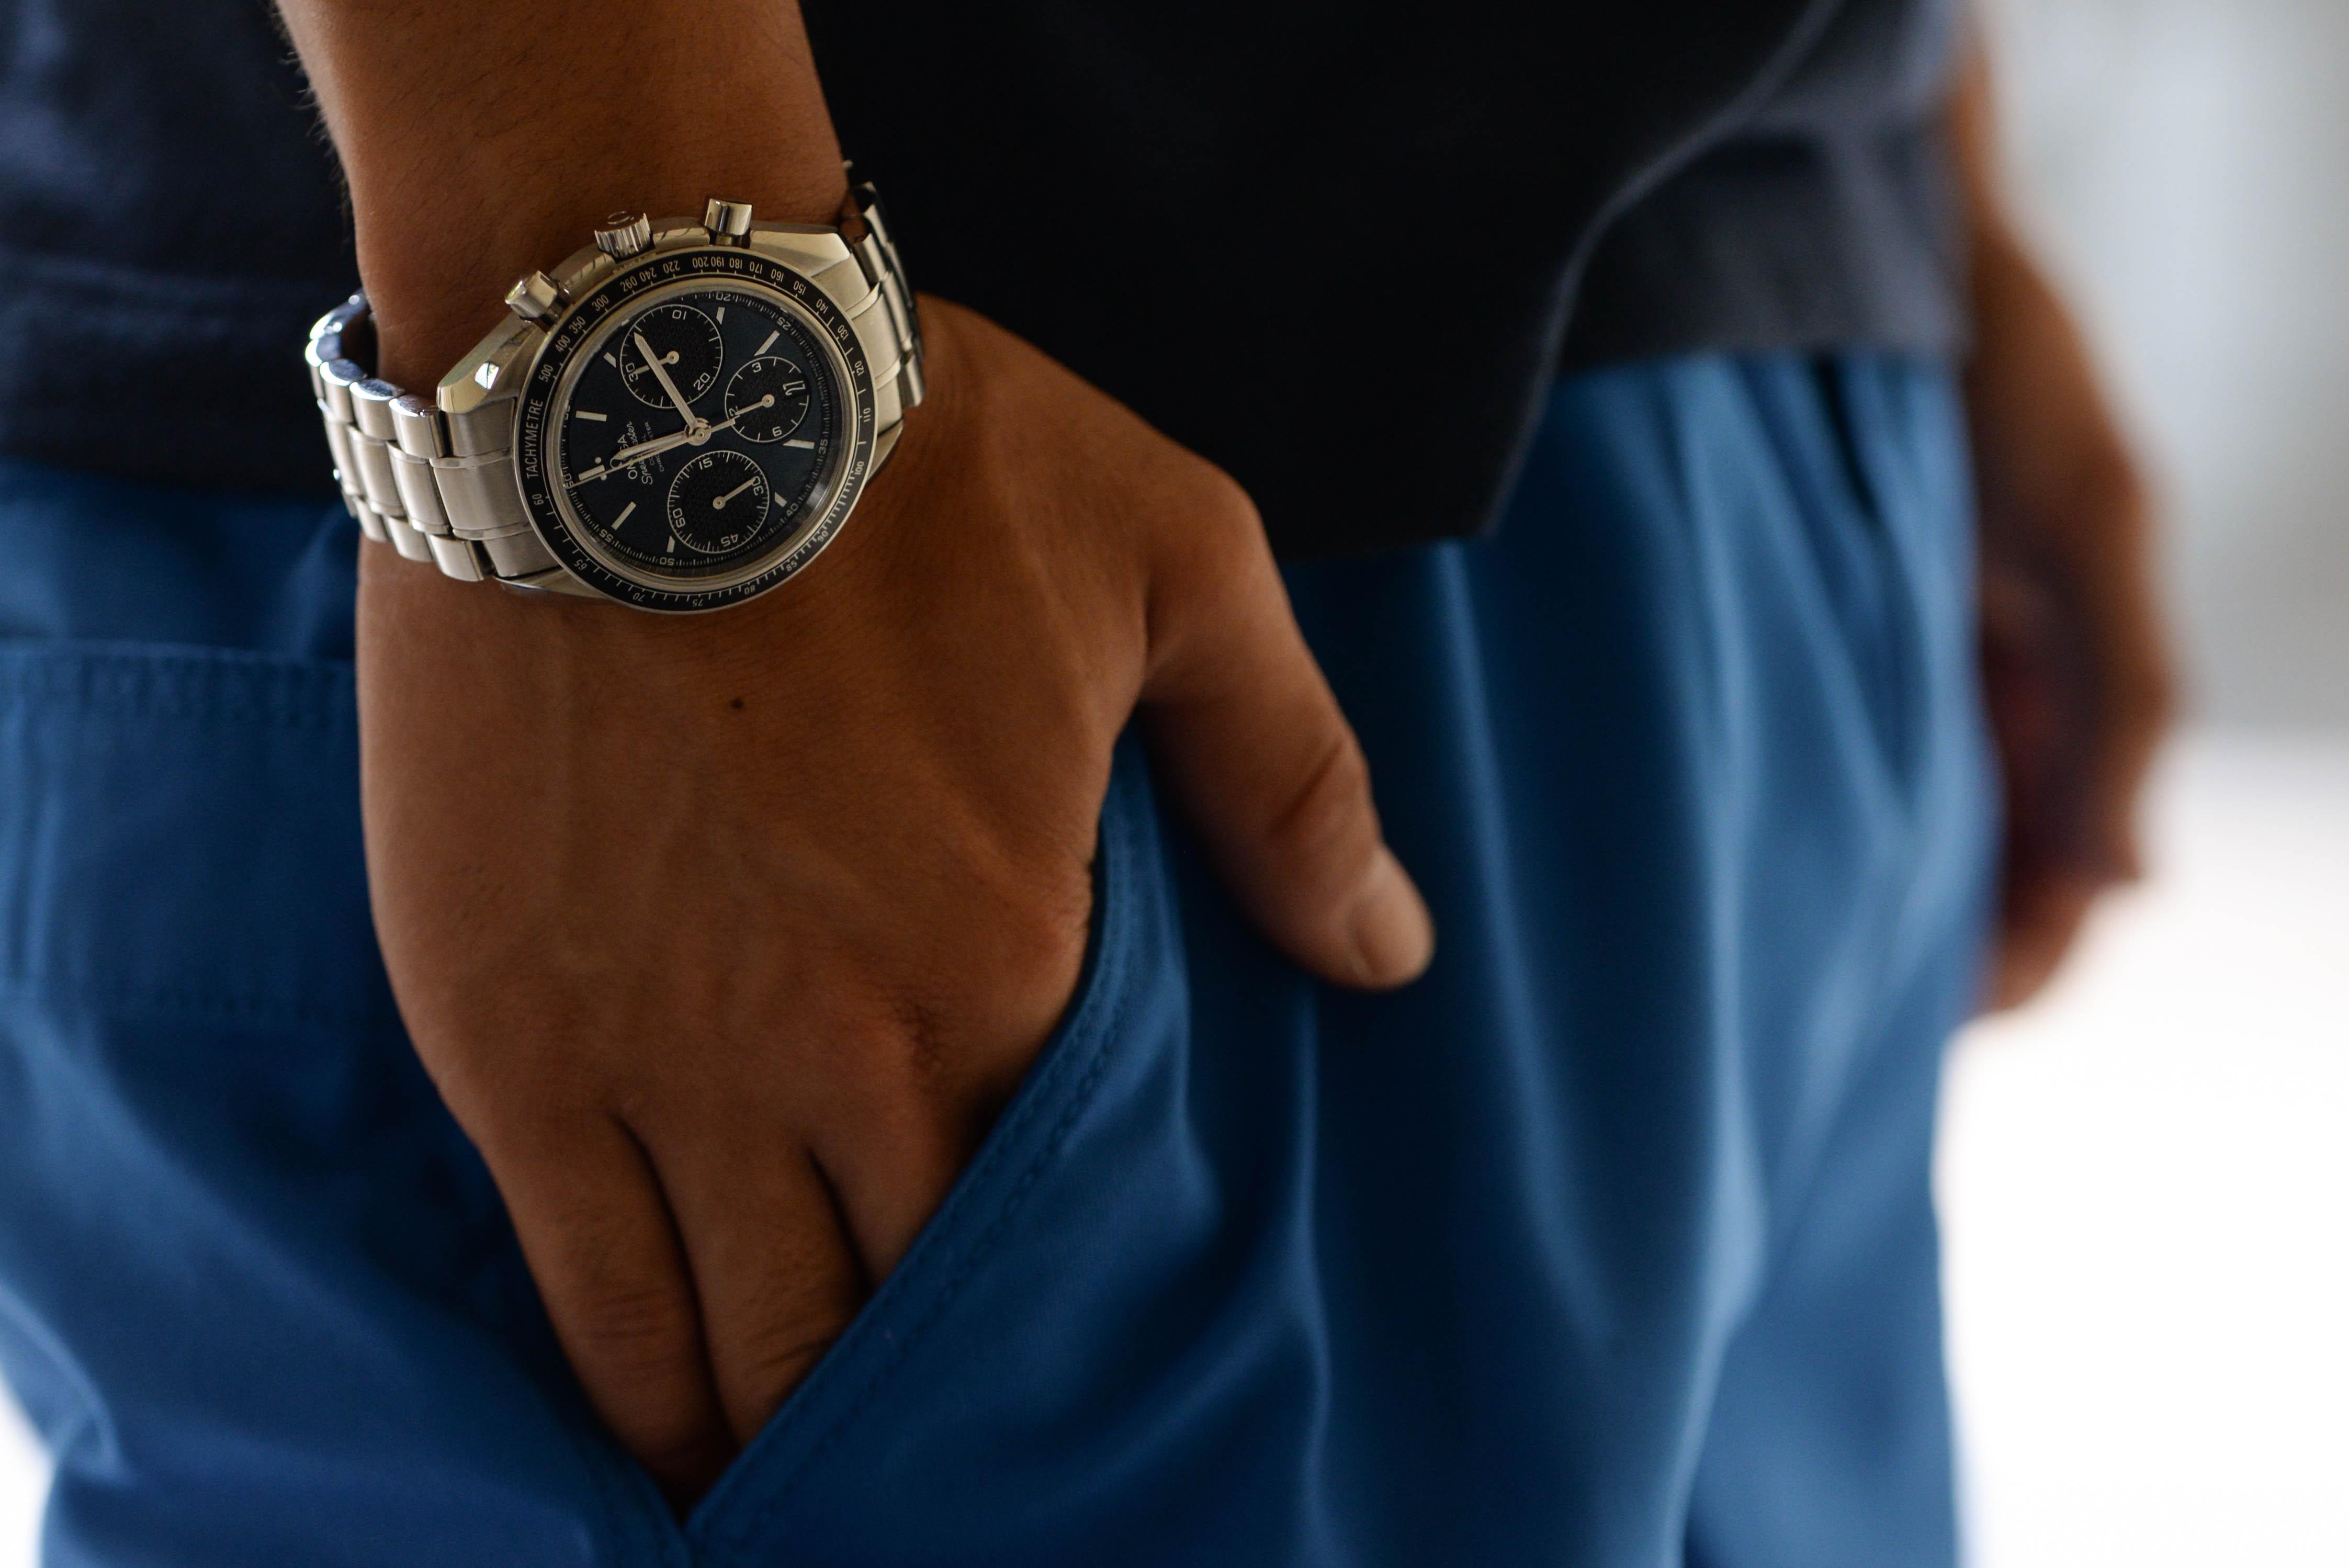 腕時計に興味をもったきっかけは007